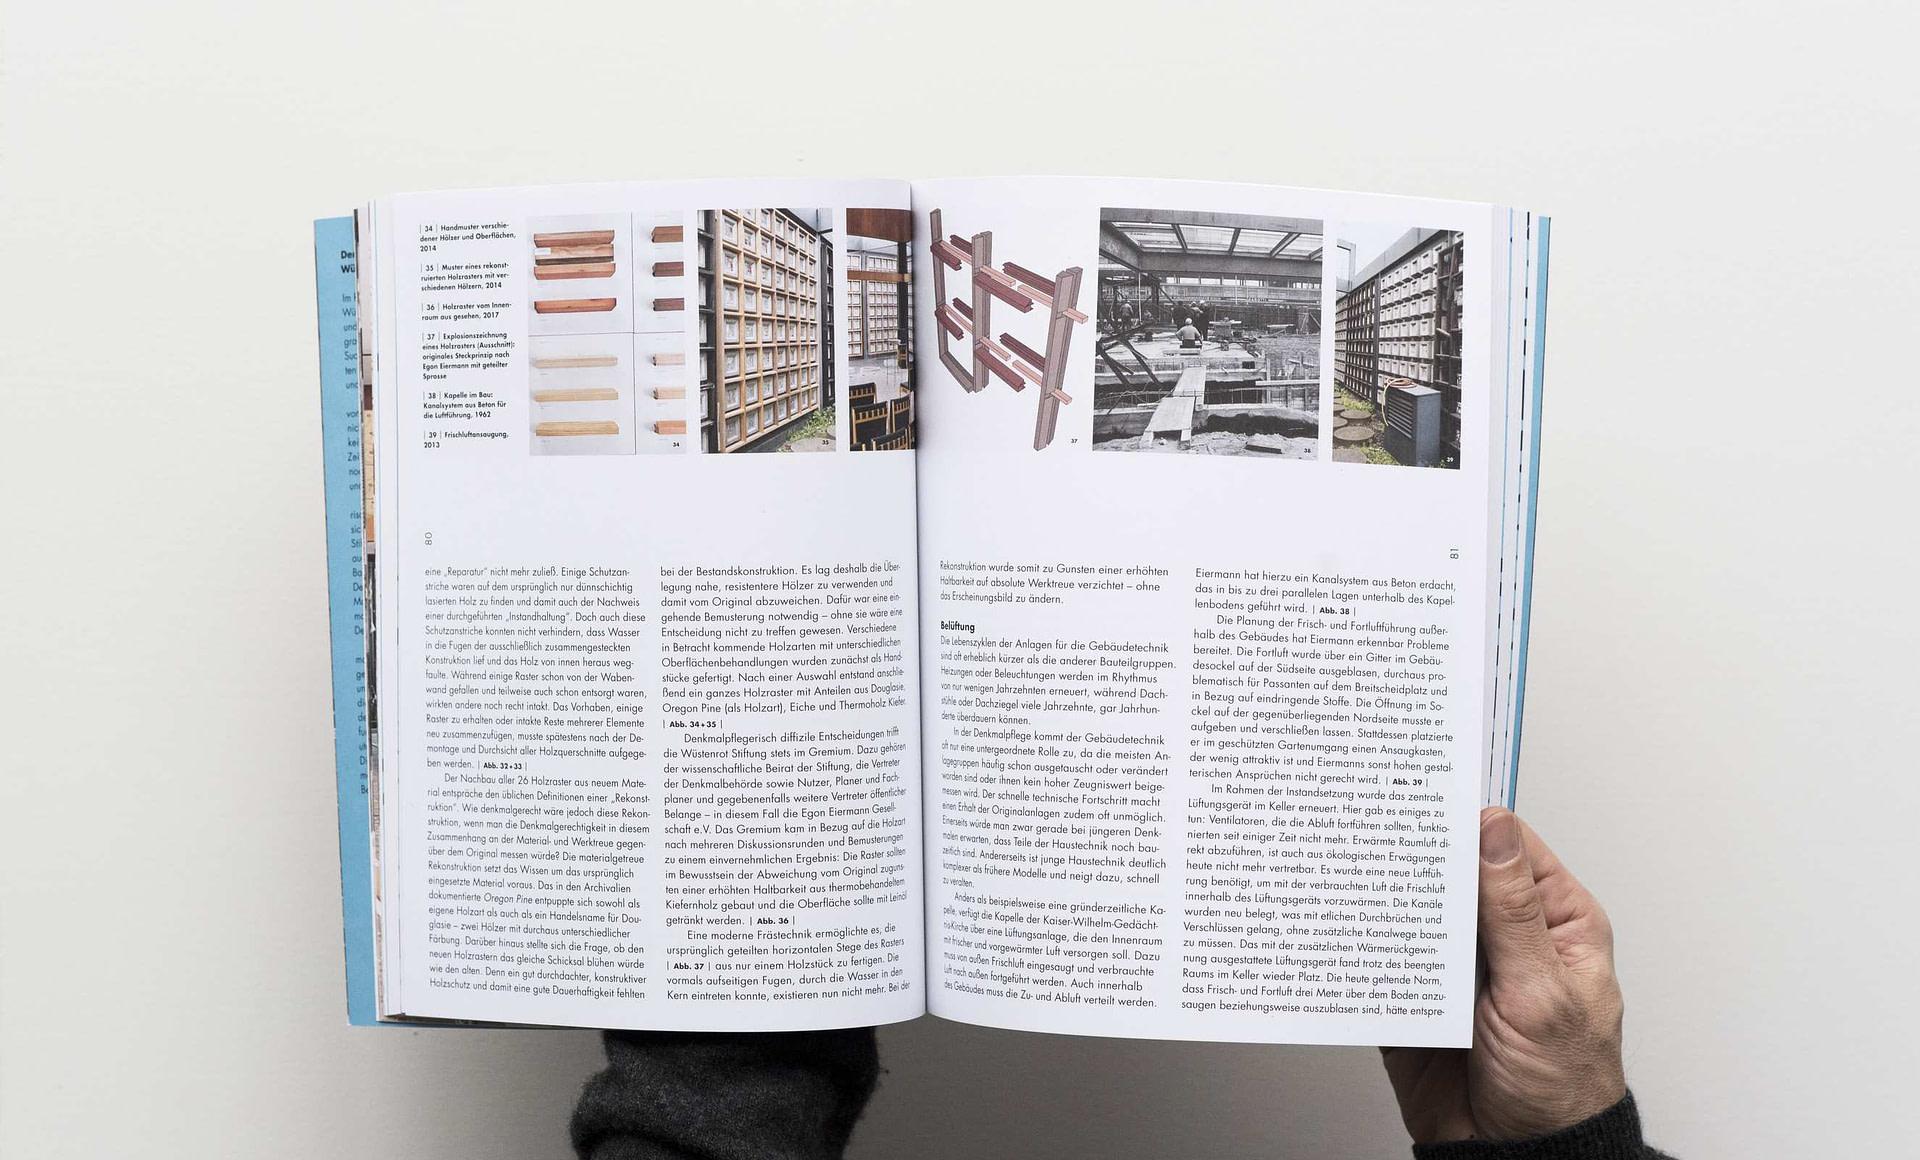 kaiser-wilhelm-memorial-church-book-11-2650x1600px